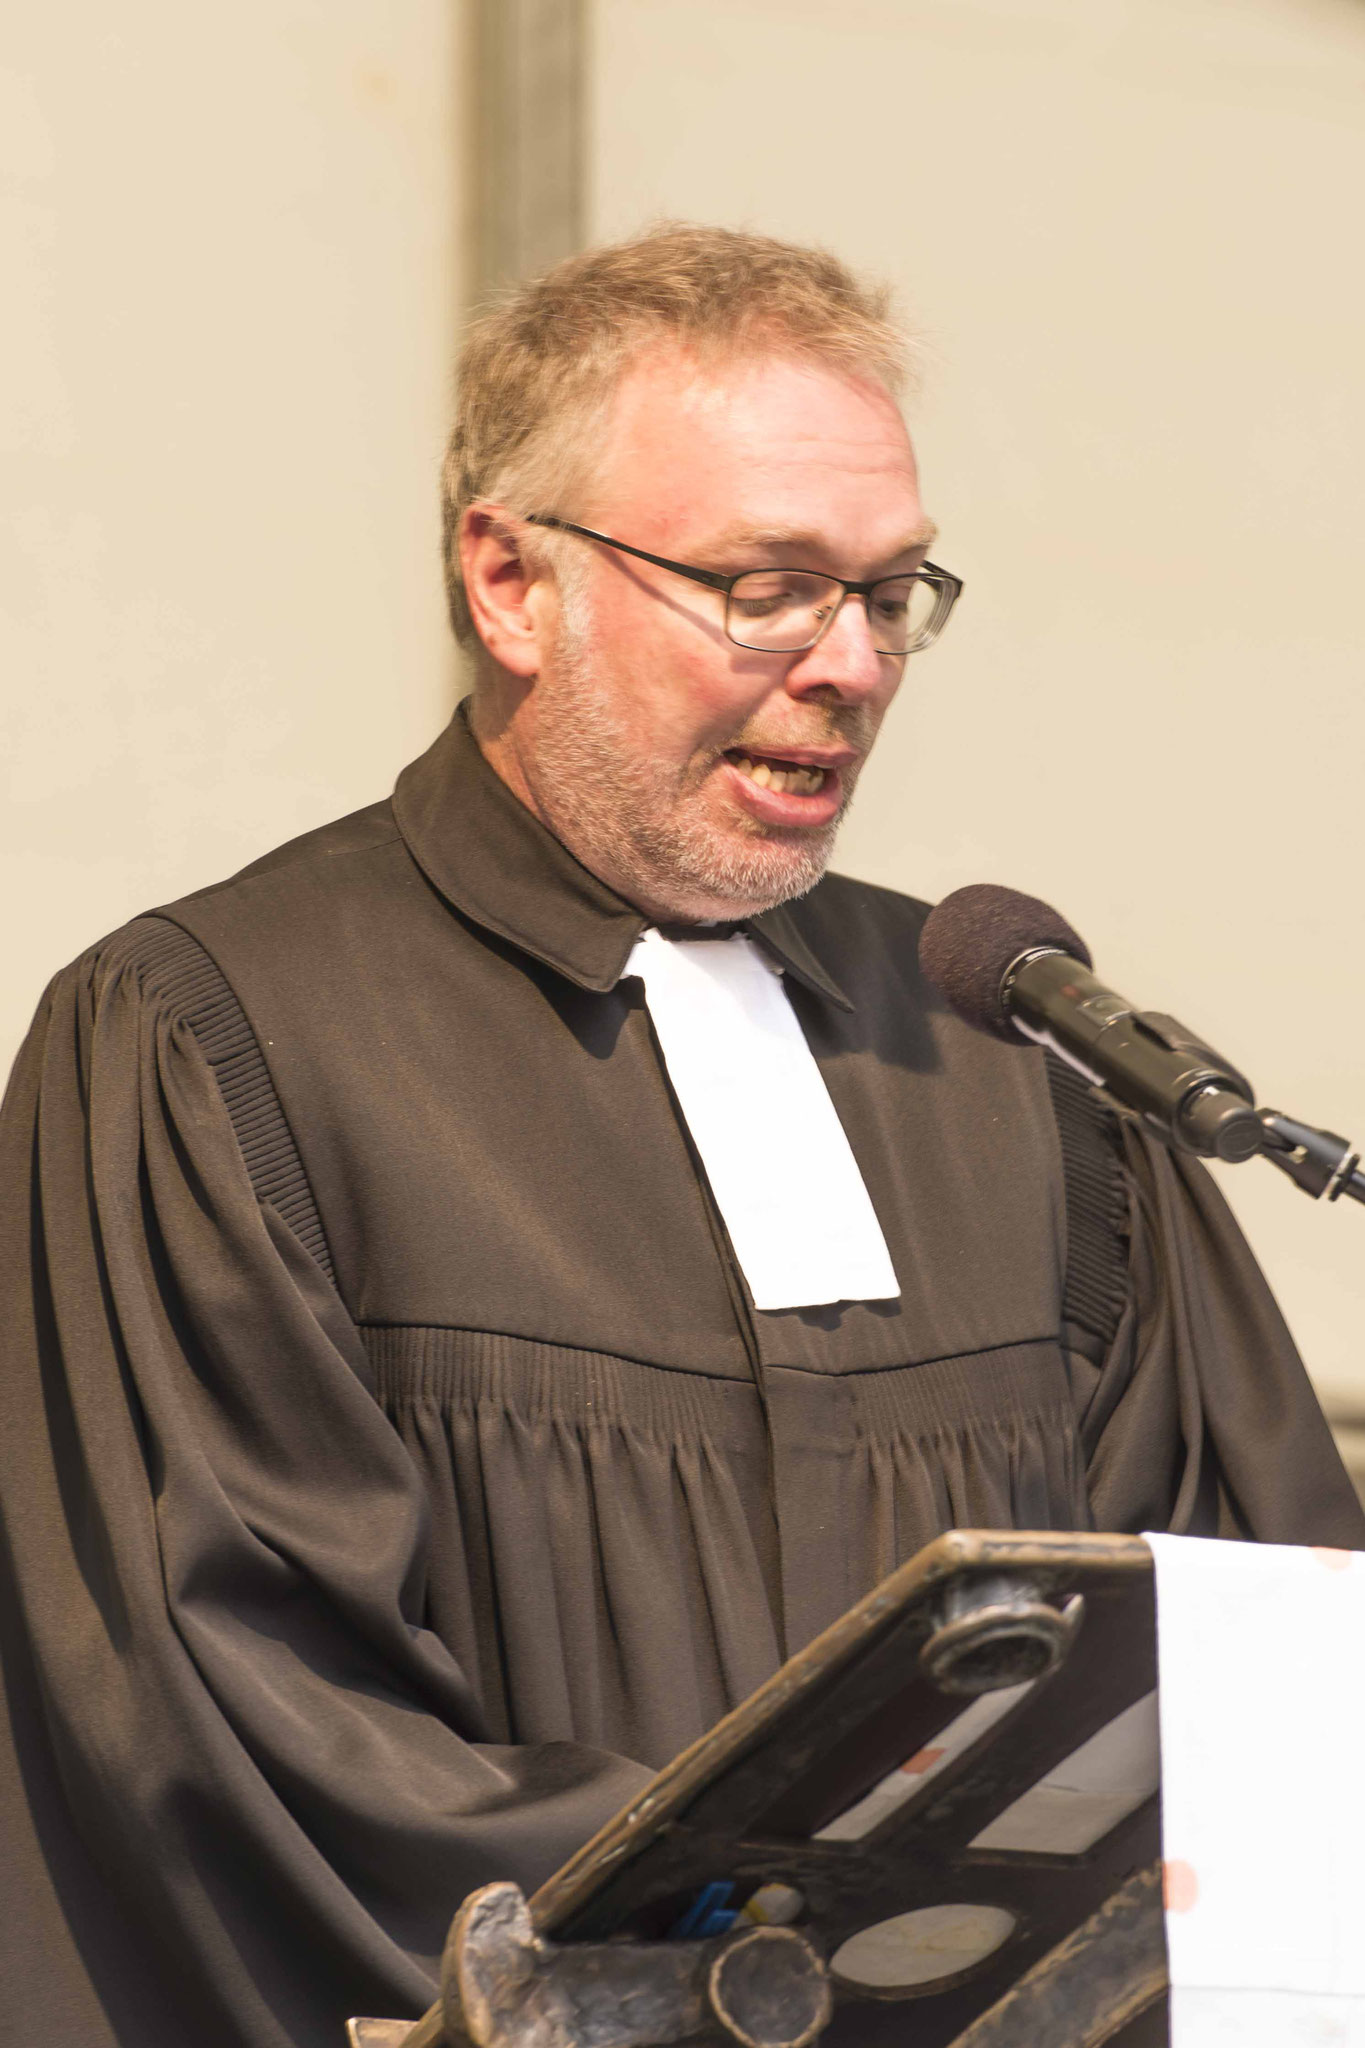 Dekan Burkhard zur Nieden